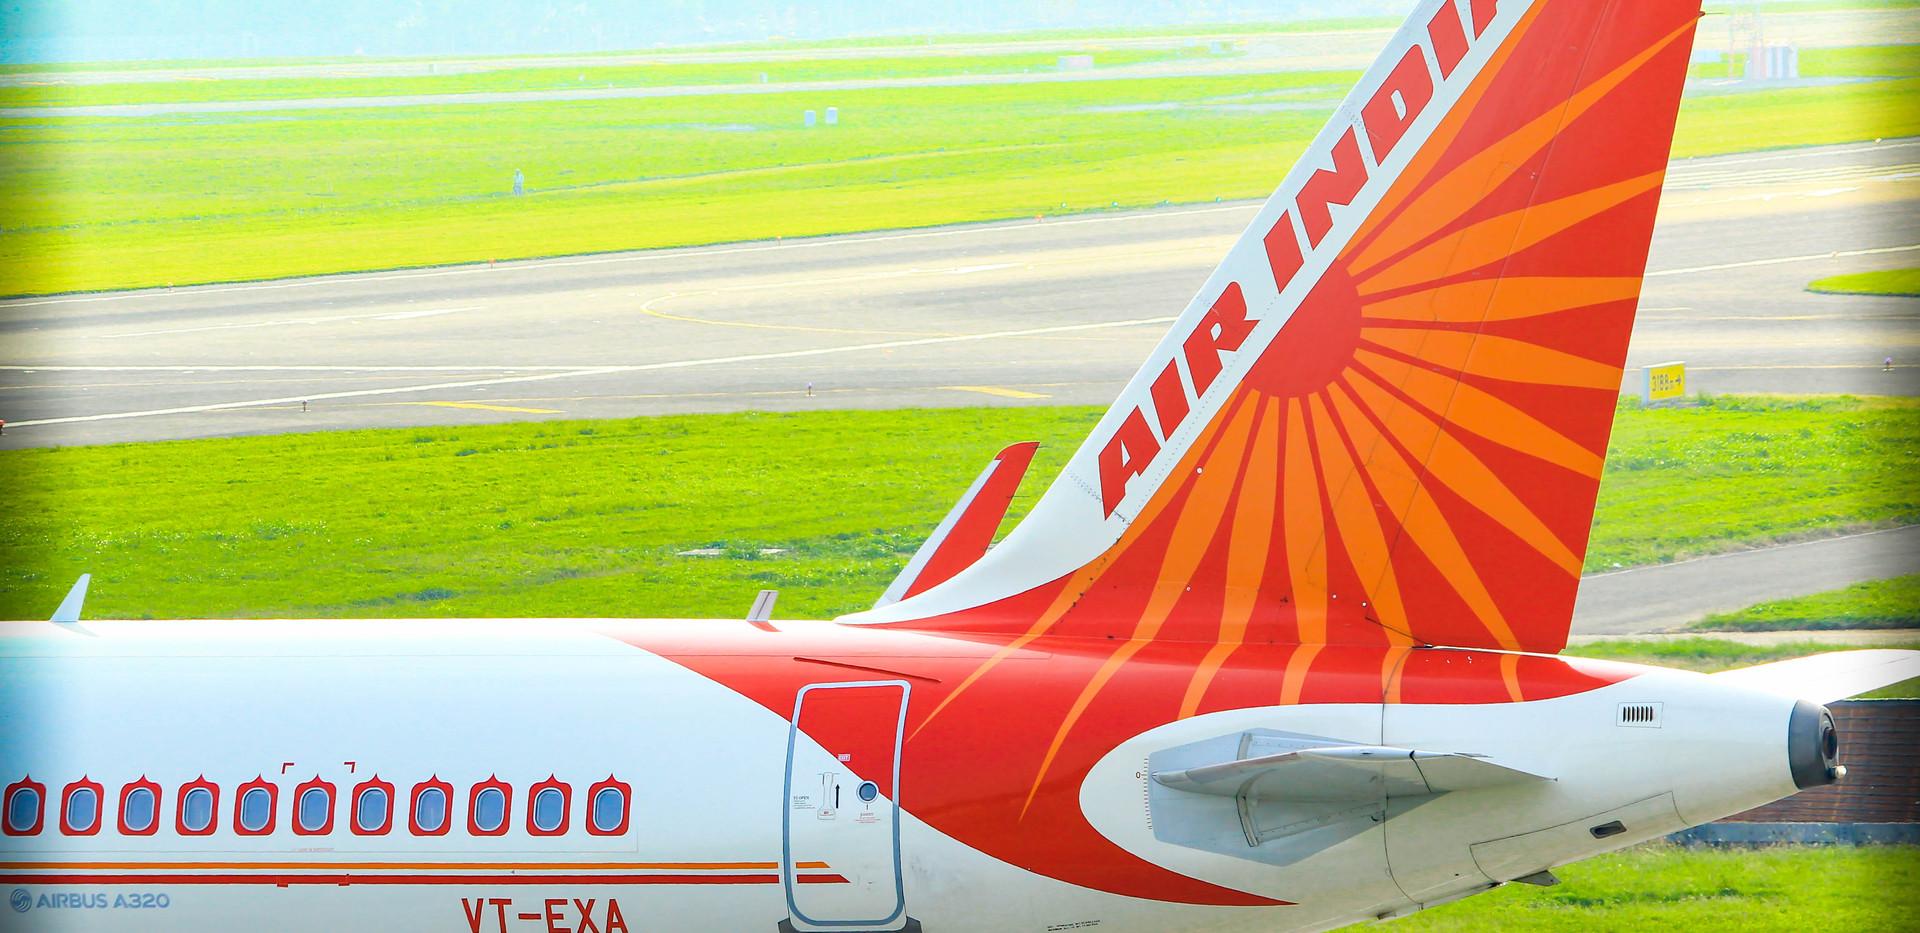 VT-EXA, Air India